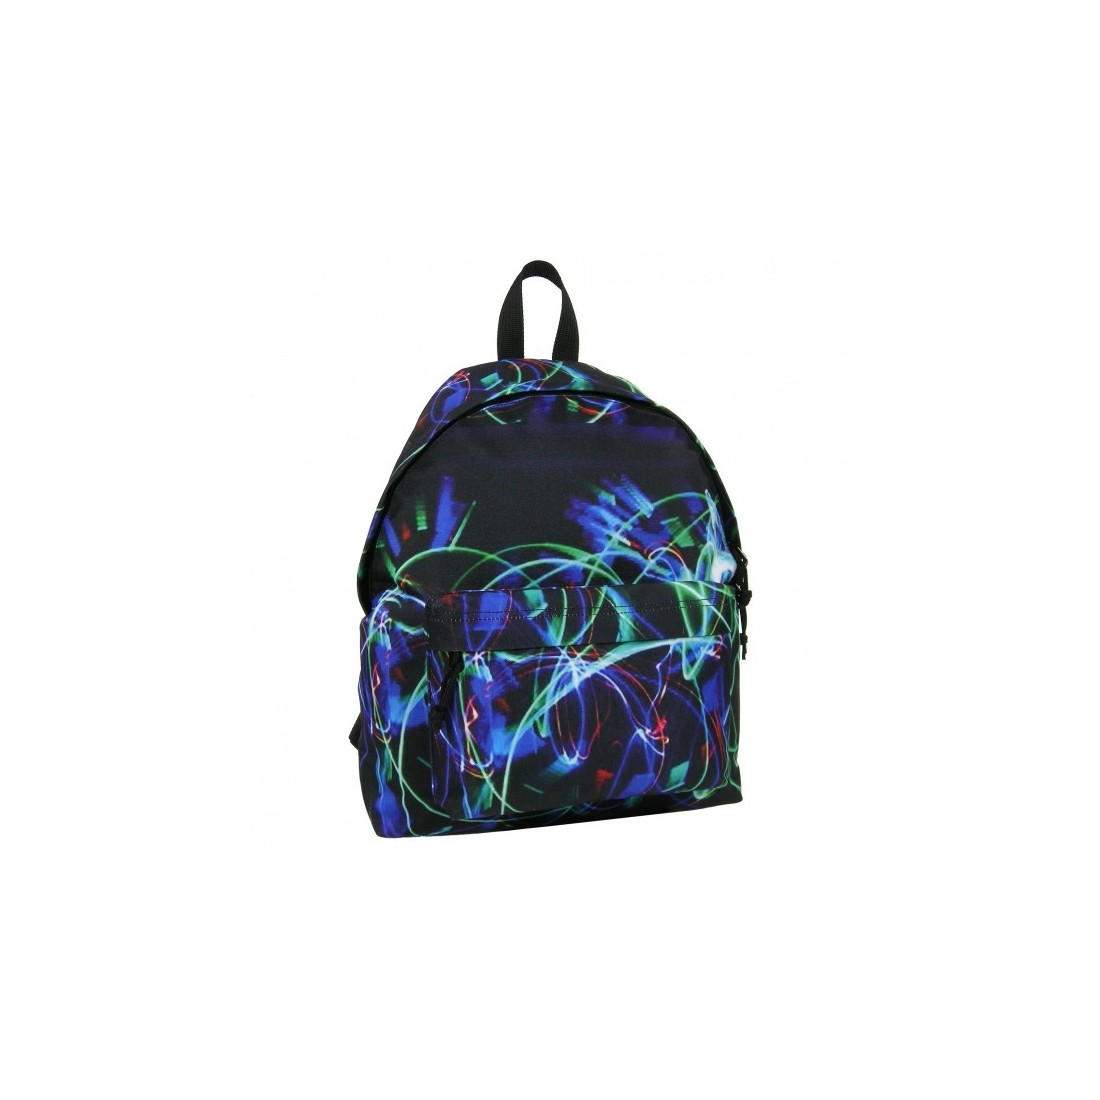 Plecak młodzieżowy Fullprint Laser - plecak-tornister.pl